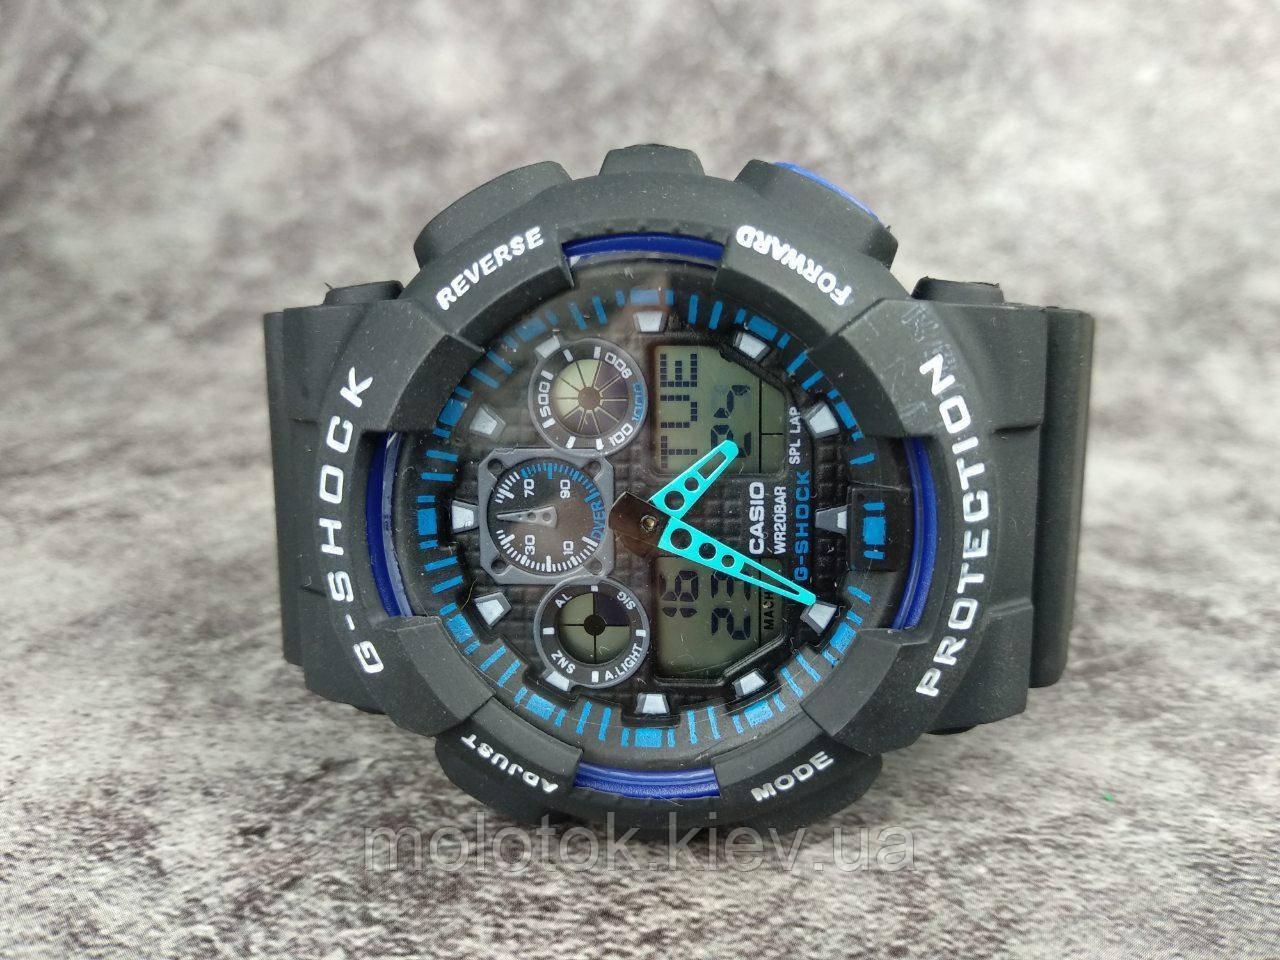 Мужские наручные спортивные часы G-Shock серые с синим Реплика отличного качества